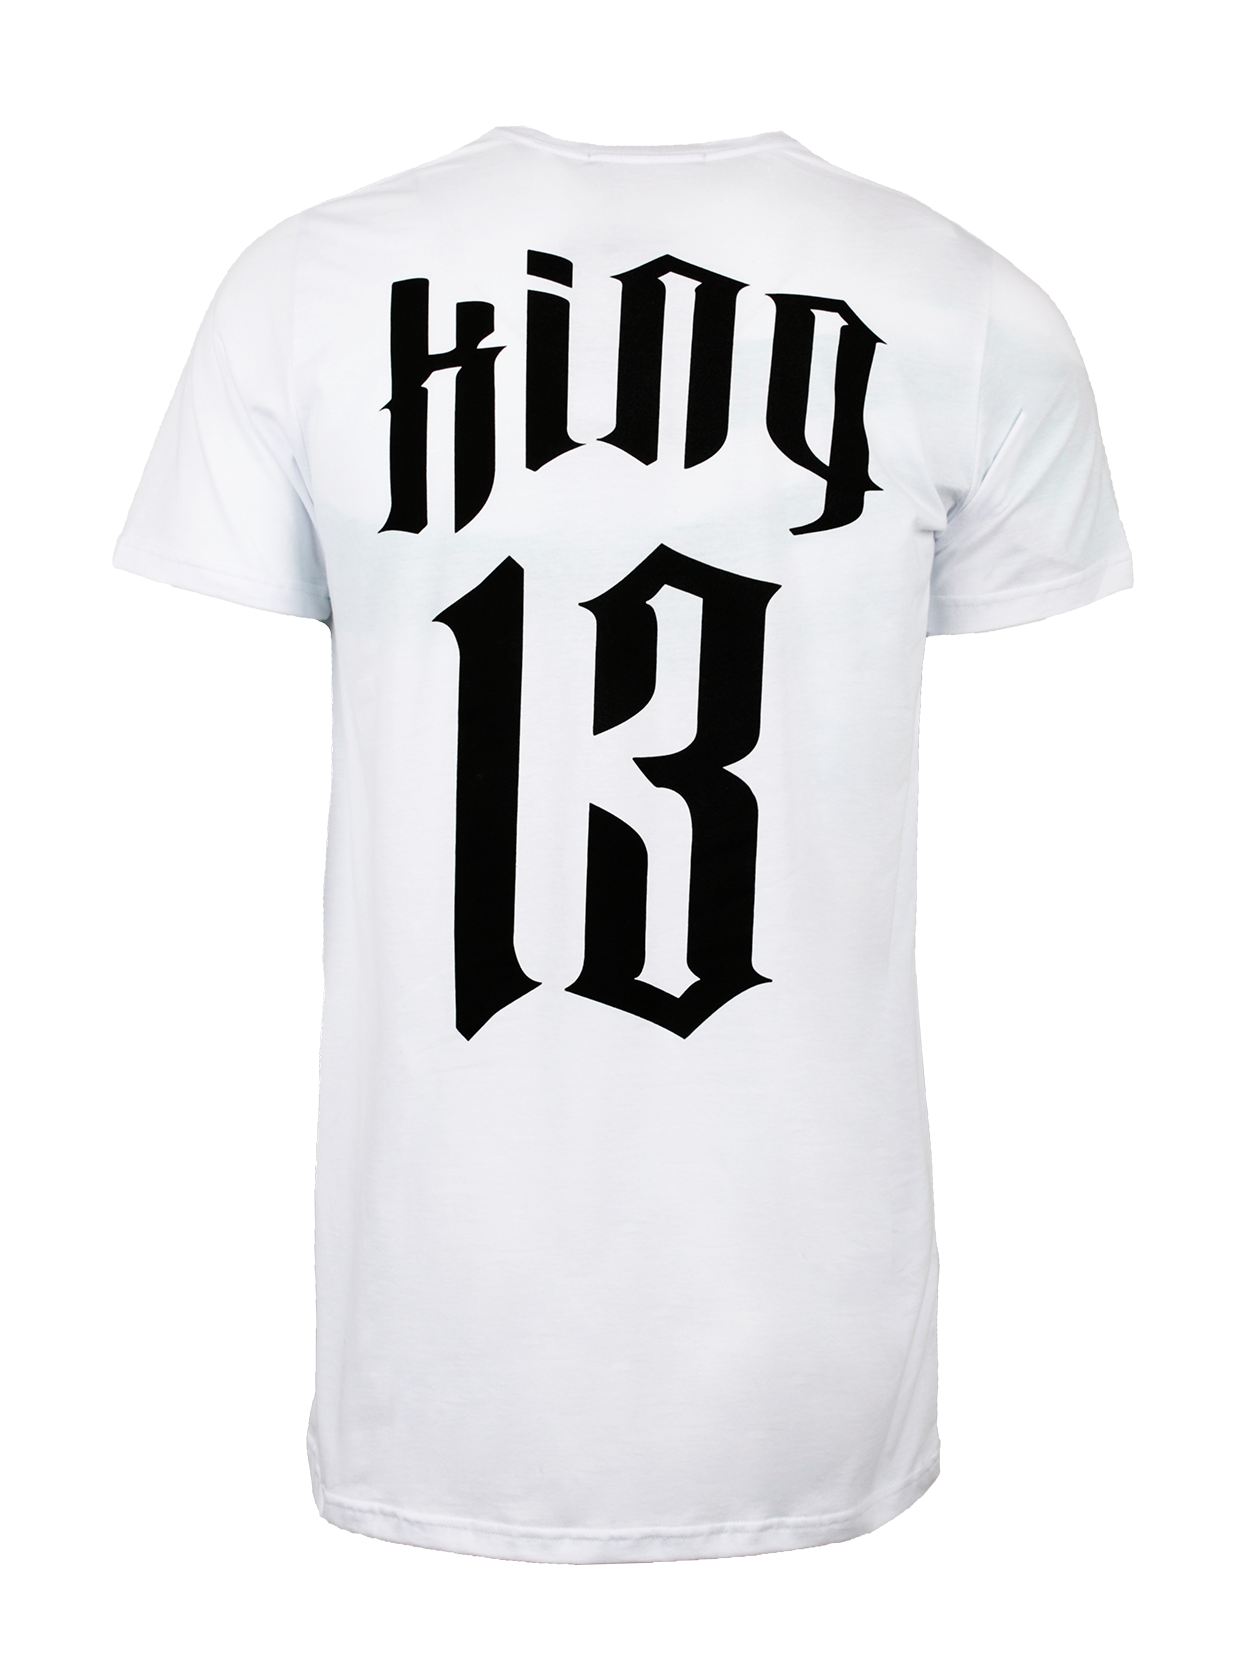 Футболка мужская KING 13Футболка мужская King 13 – практичная и стильная вещь на каждый день. Модель изготовлена из натурального хлопкового полотна, отвечающего за комфорт и воздухообмен во время носки. Базовая белая расцветка подходит к любой другой одежде и обуви. На спине крупная надпись черными буквами «King 13», на груди небольшой принт со словом «King». Прямой полусвободный крой, короткий рукав, округлая горловина с лейблом Black Star Wear внутри. Футболка станет идеальным вариантом для спорта и отдыха.<br><br>Размер: M<br>Цвет: Белый<br>Пол: Мужской